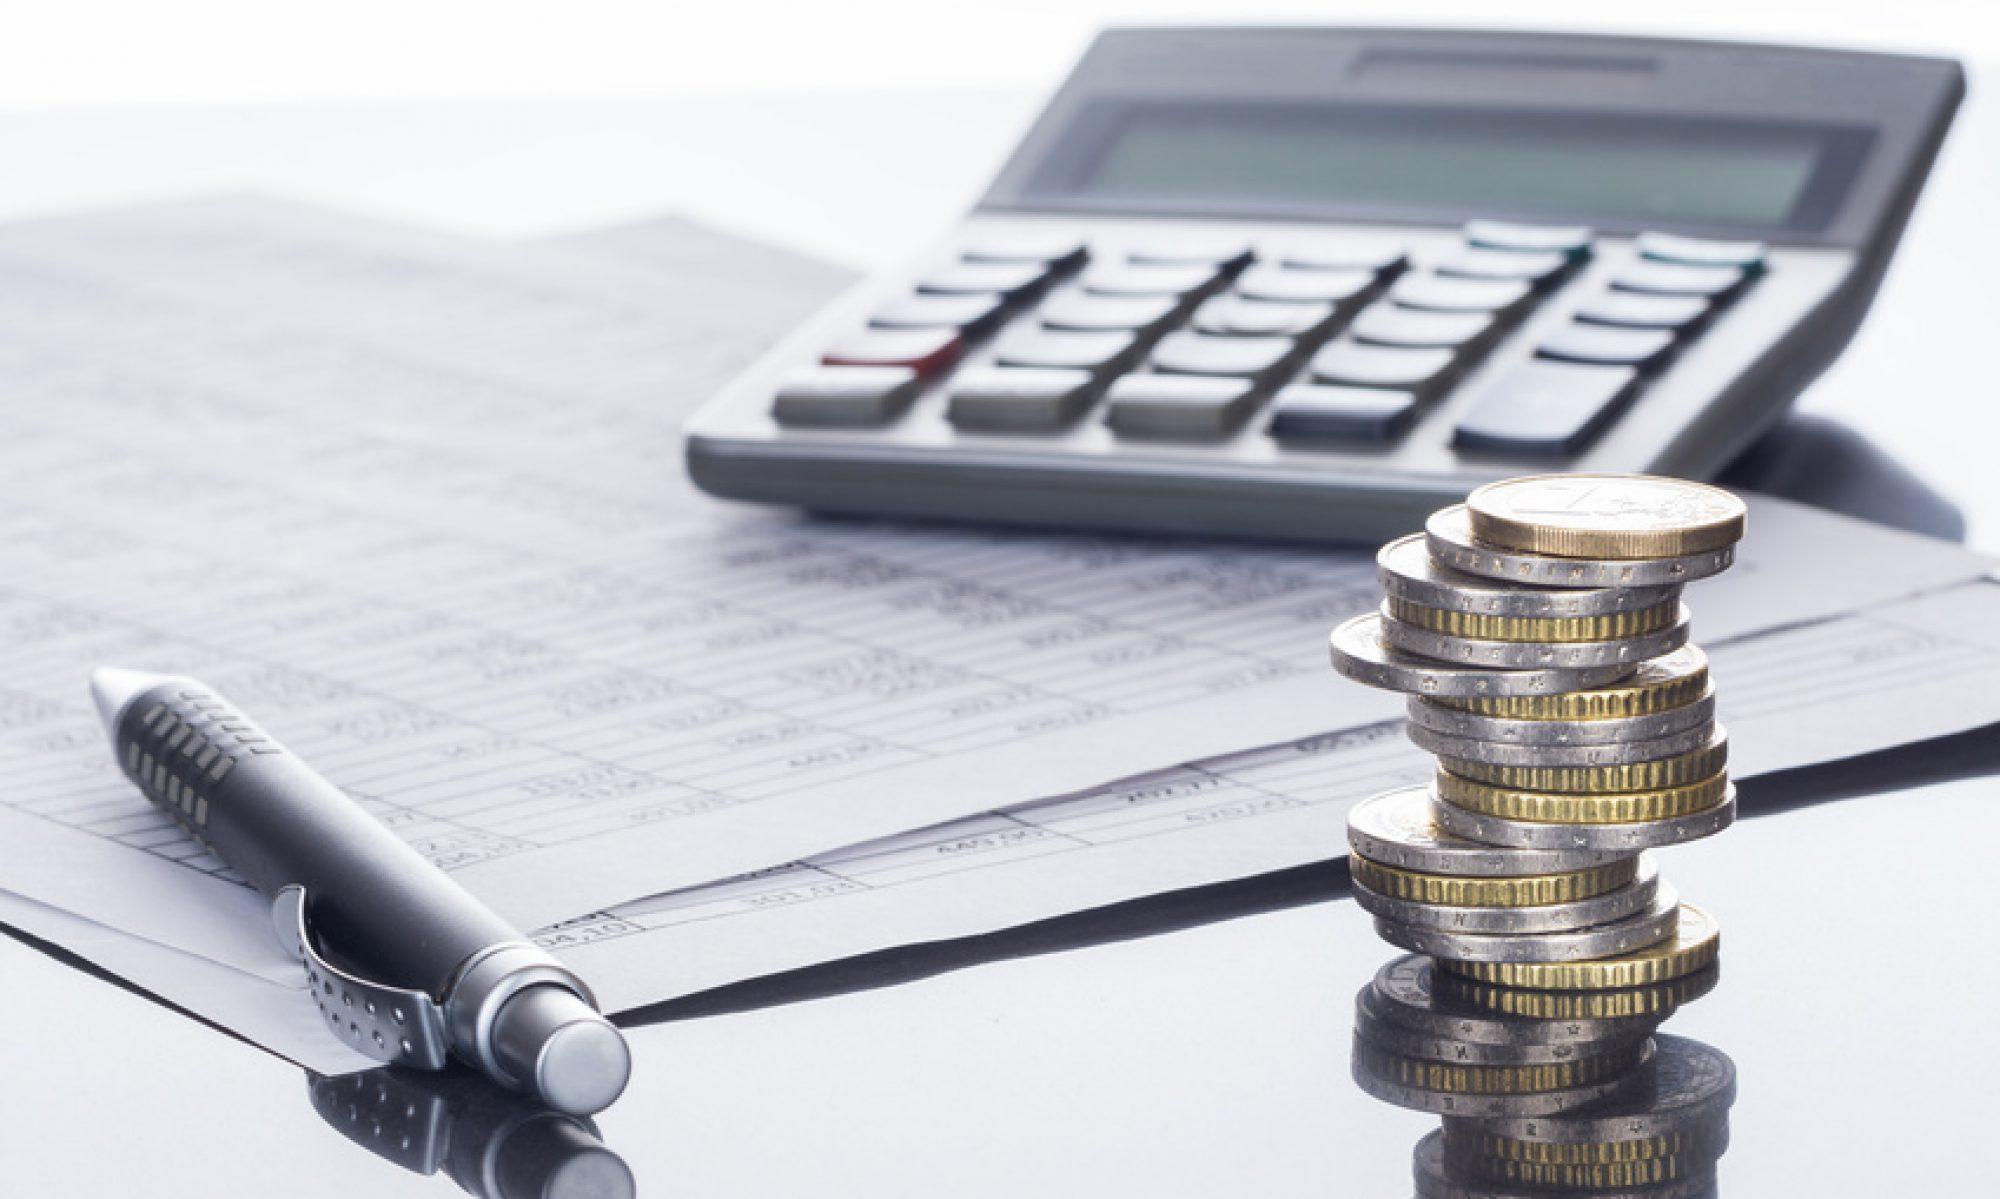 Hypokontor  Baufinanzierung mit Vertrauensberatung